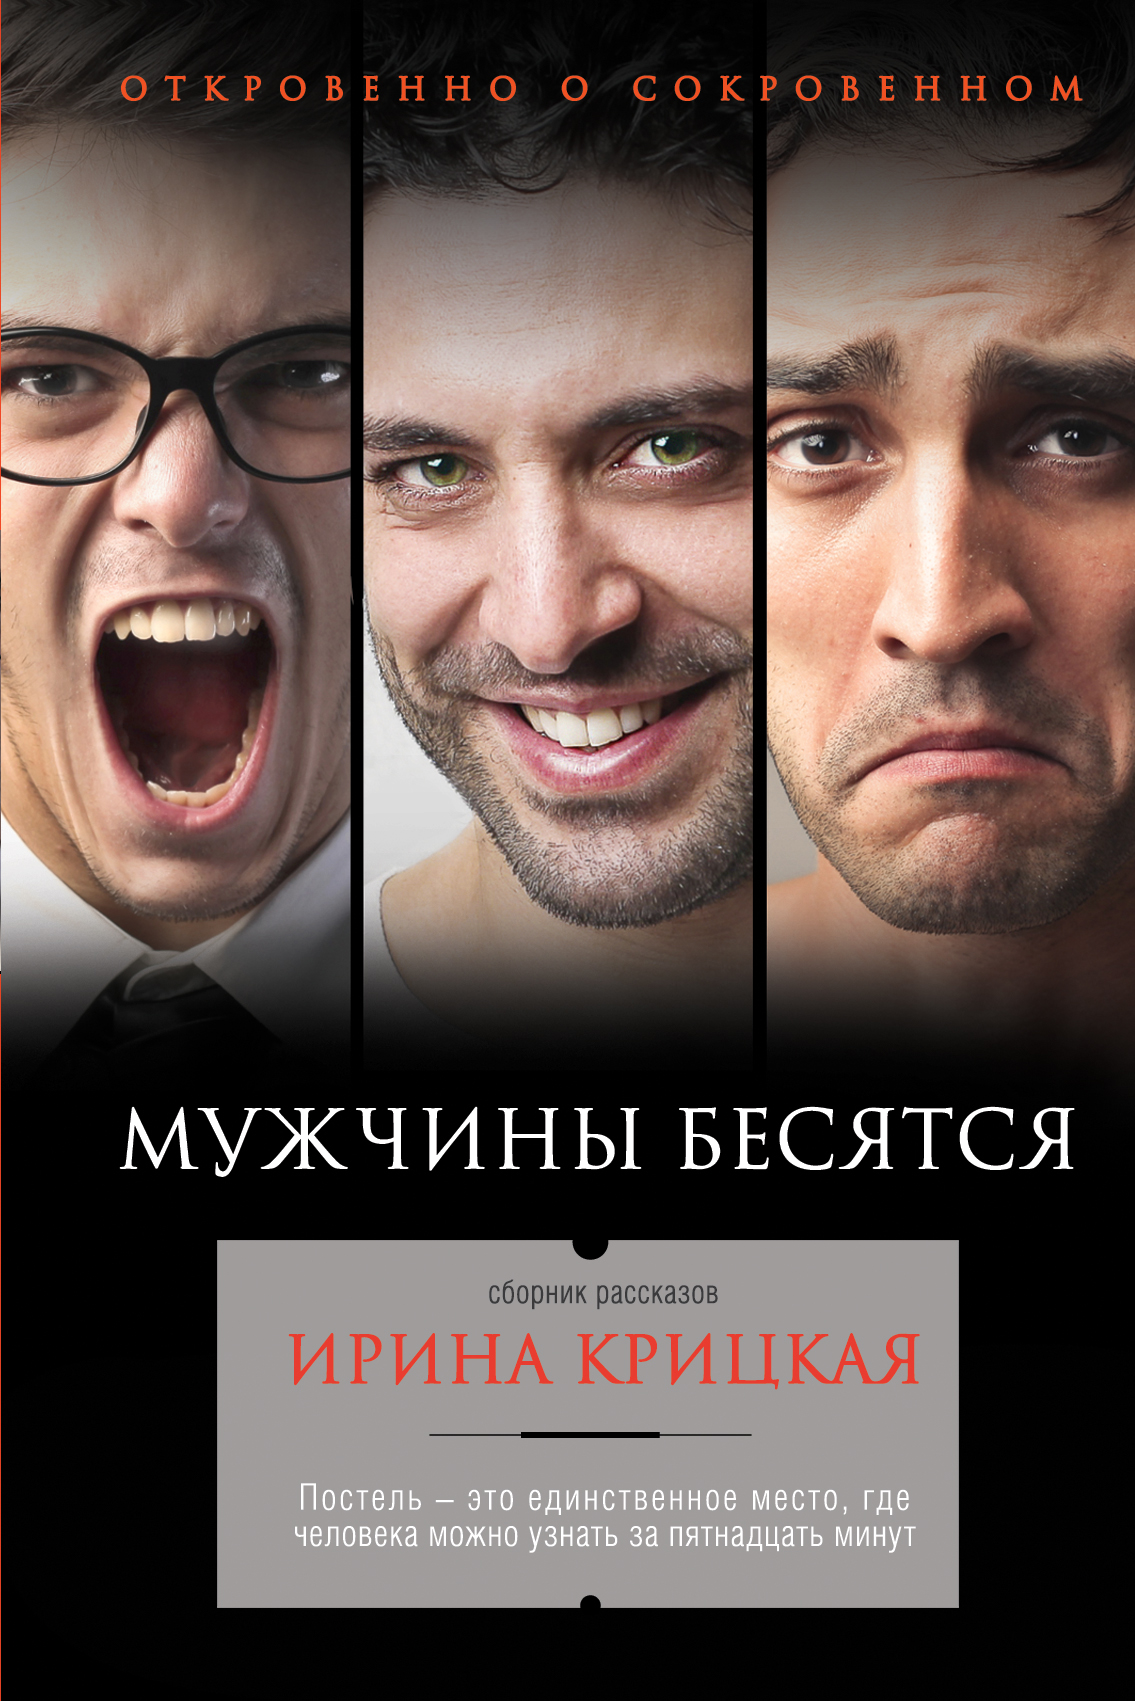 Ирина Крицкая Мужчины бесятся